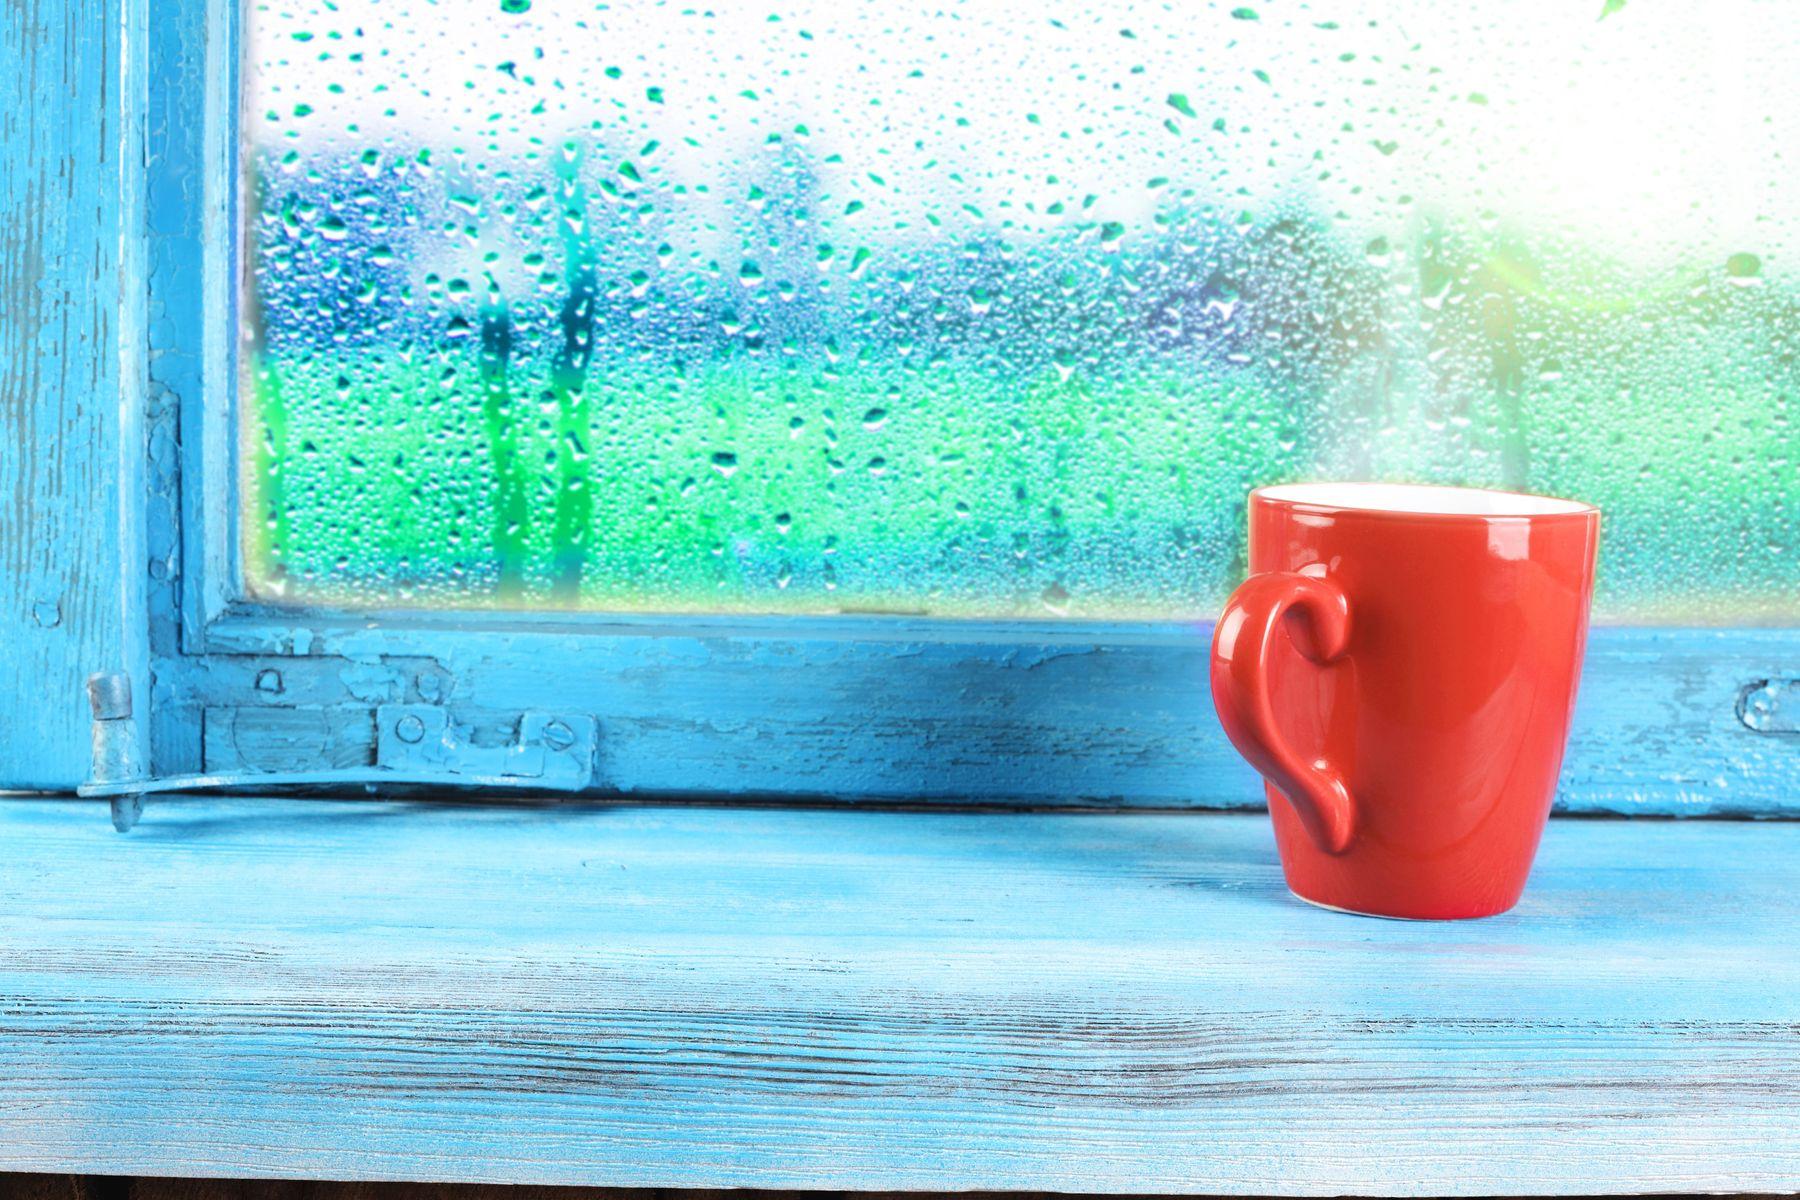 fenêtre jour de pluie